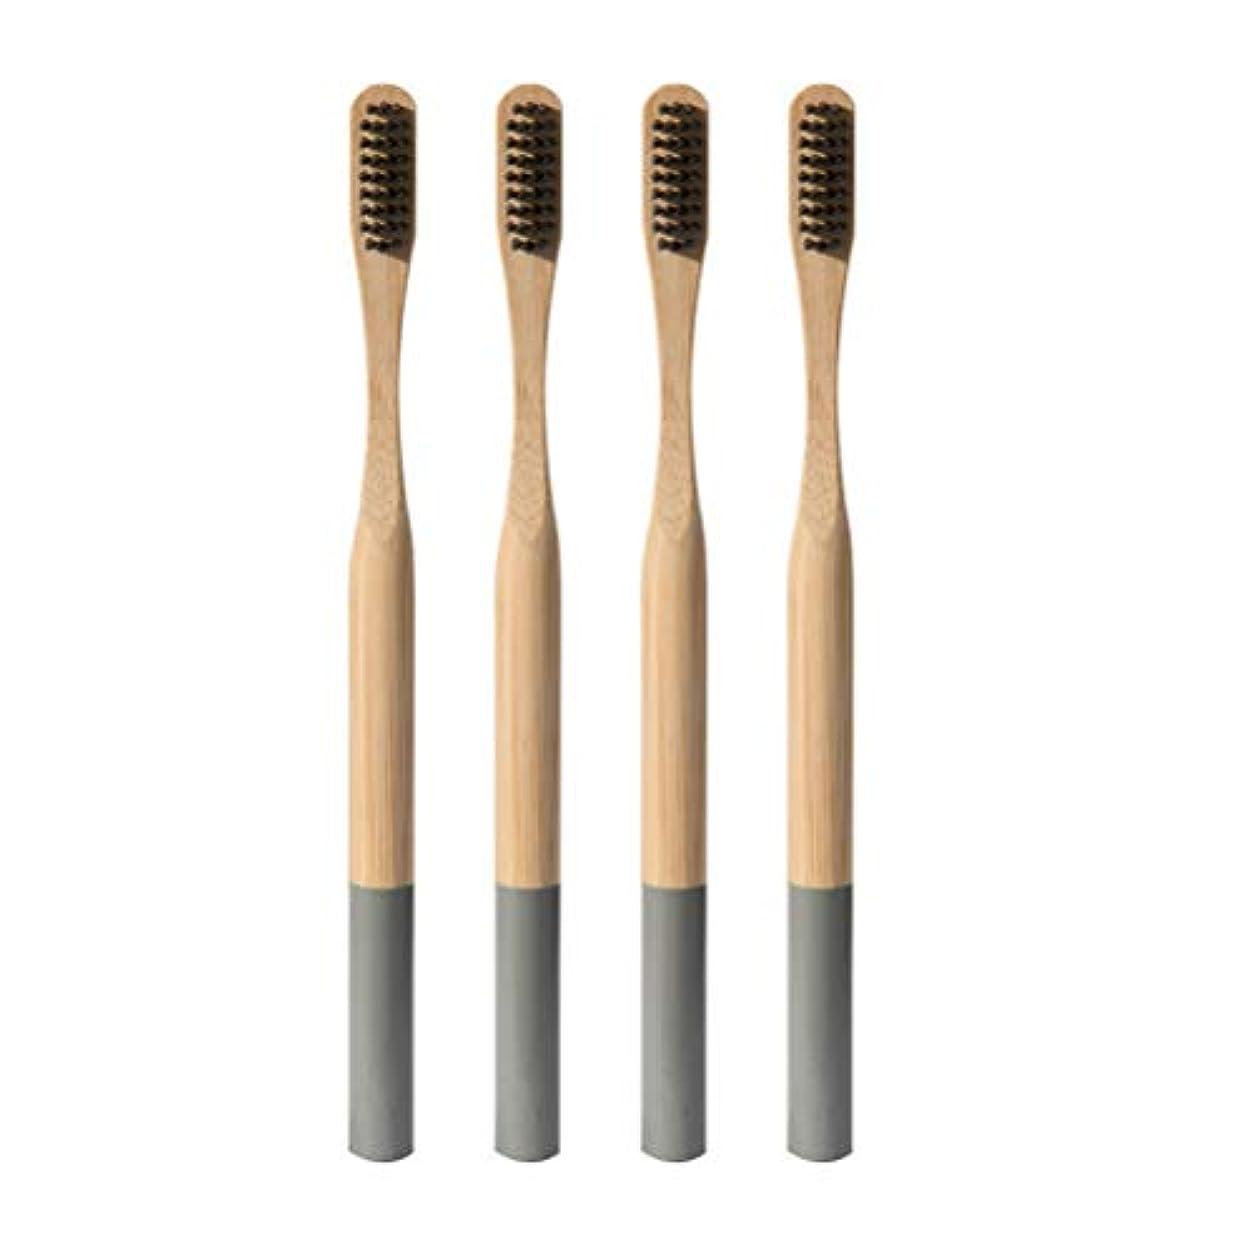 挨拶する専制ゴネリルHeallily 竹歯ブラシ4ピースソフトブリッスル歯ブラシ生分解性、環境に優しいソフト歯ブラシ、大人用の細い毛を備えた抗菌歯ブラシ(グレー)